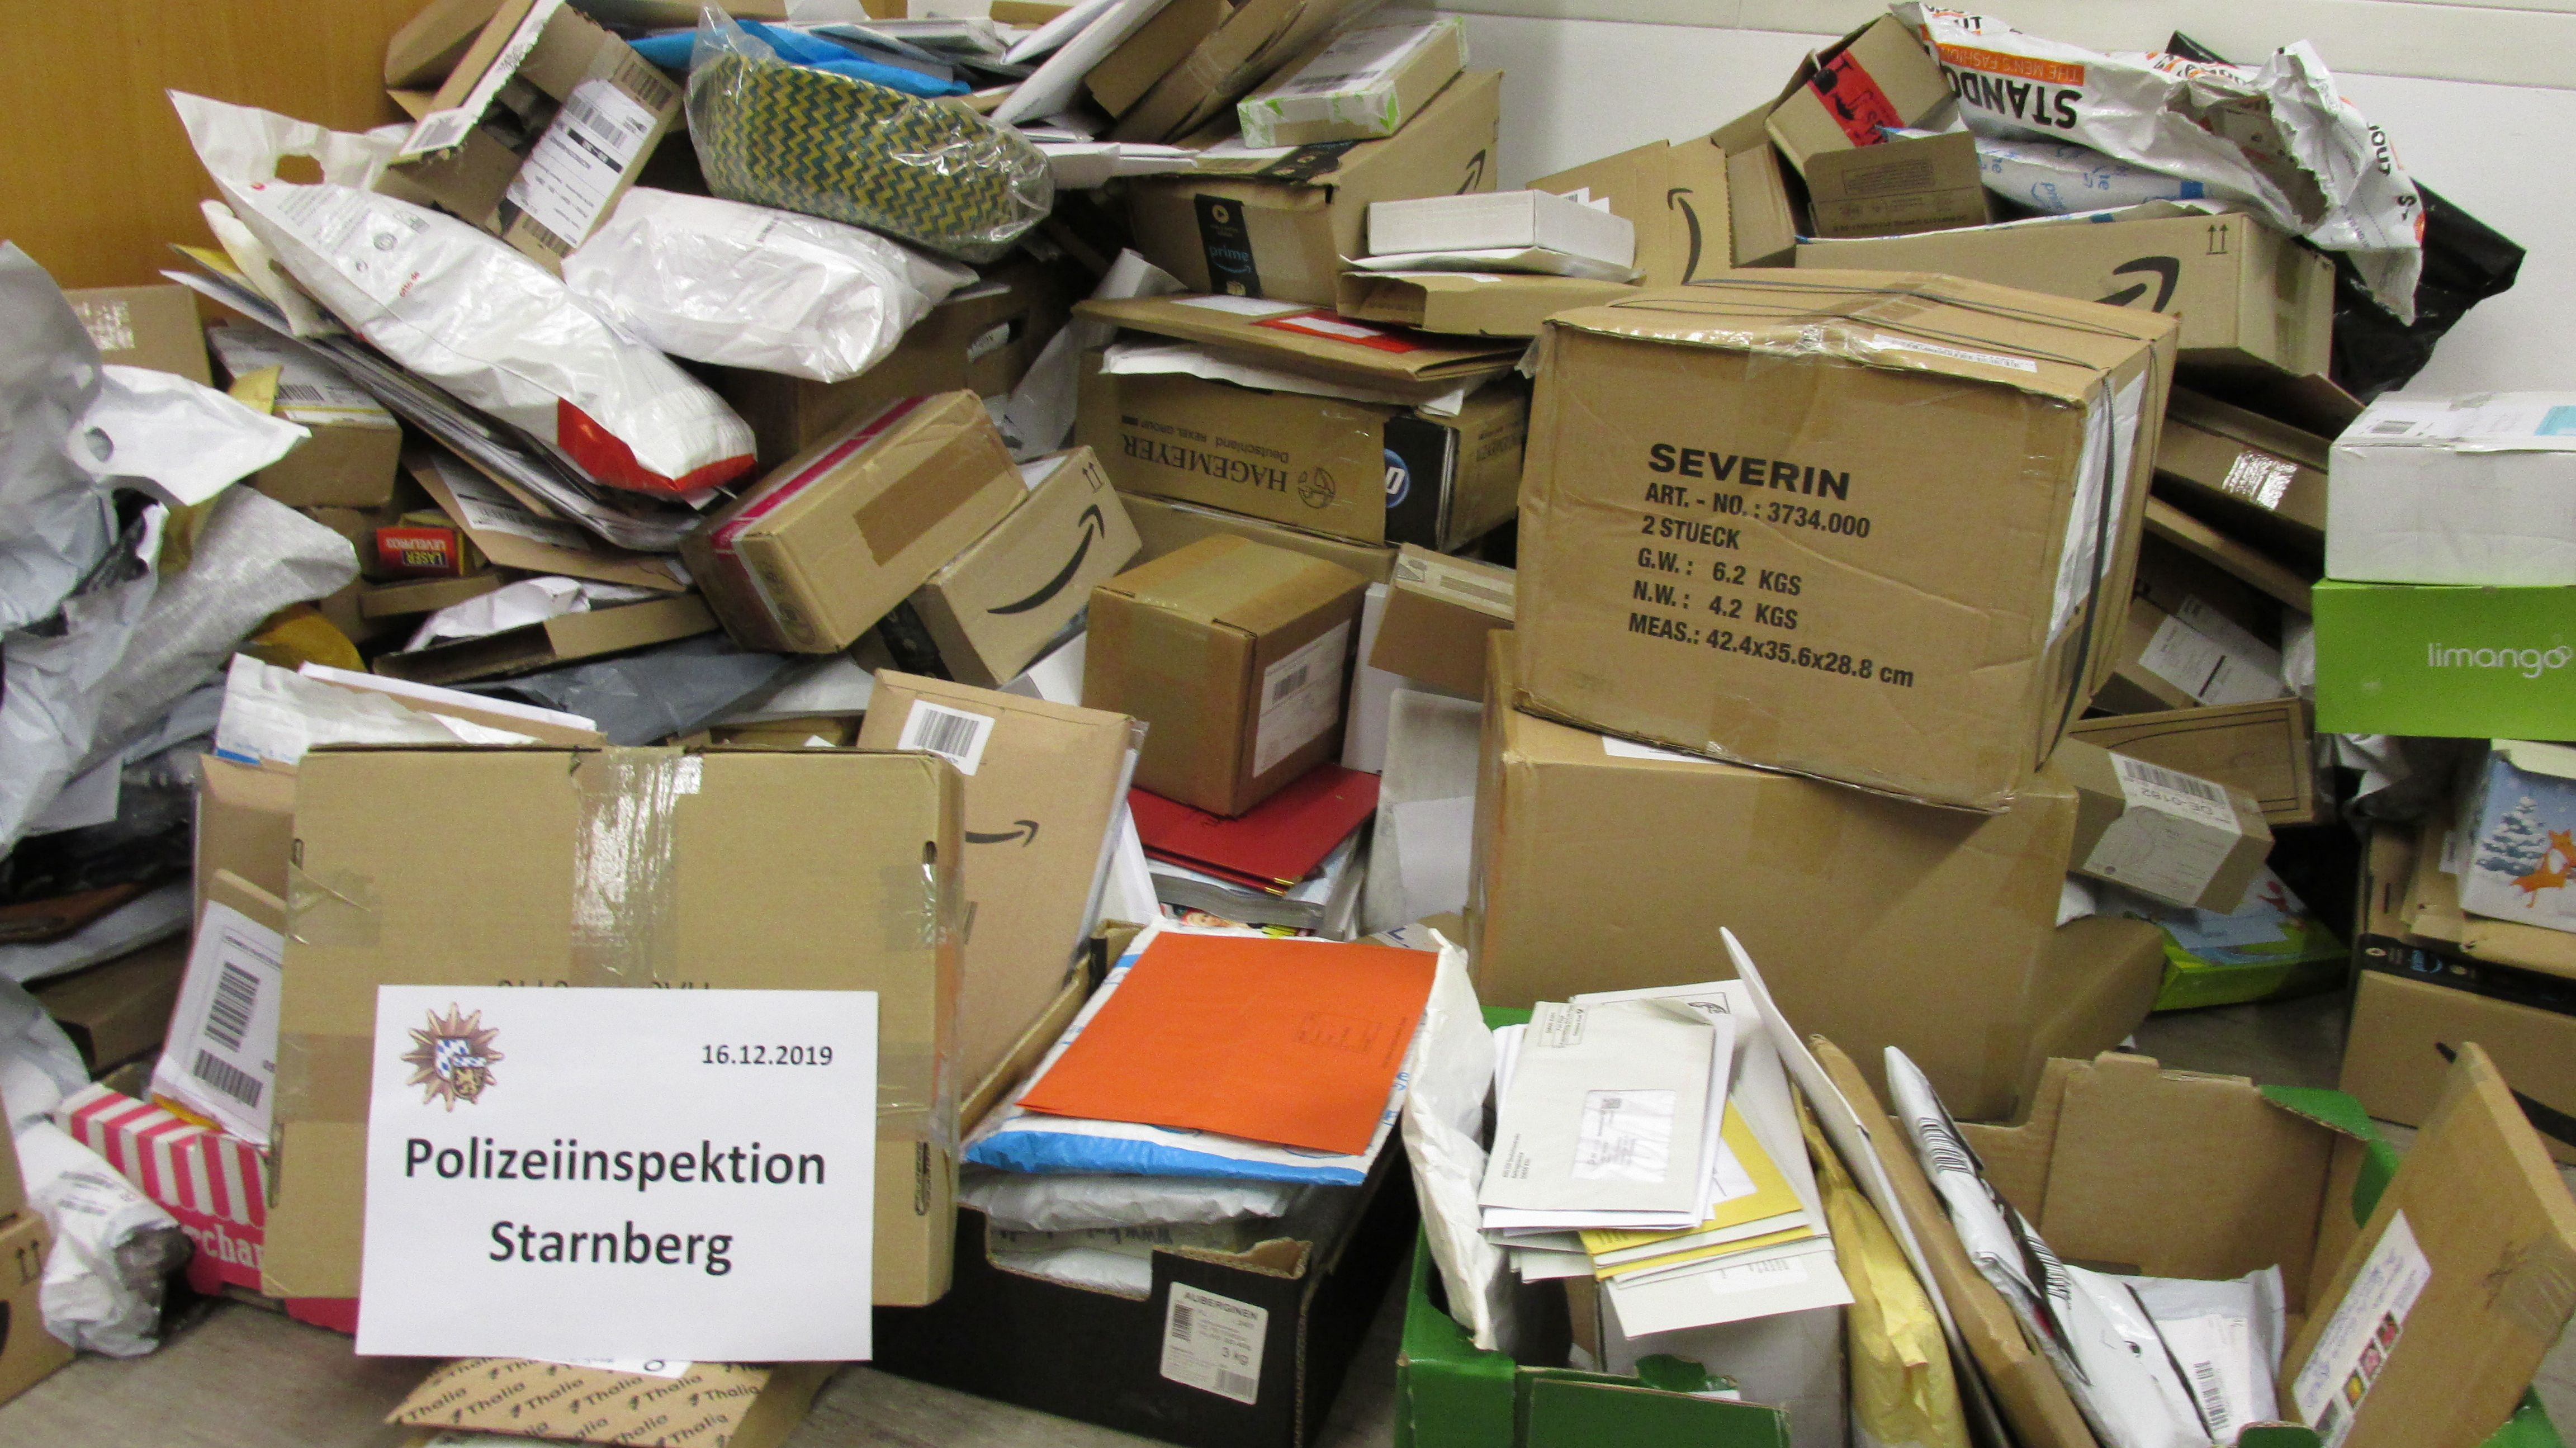 Die gestohlenen Postsendungen in der Wohnung des 50-Jährigen